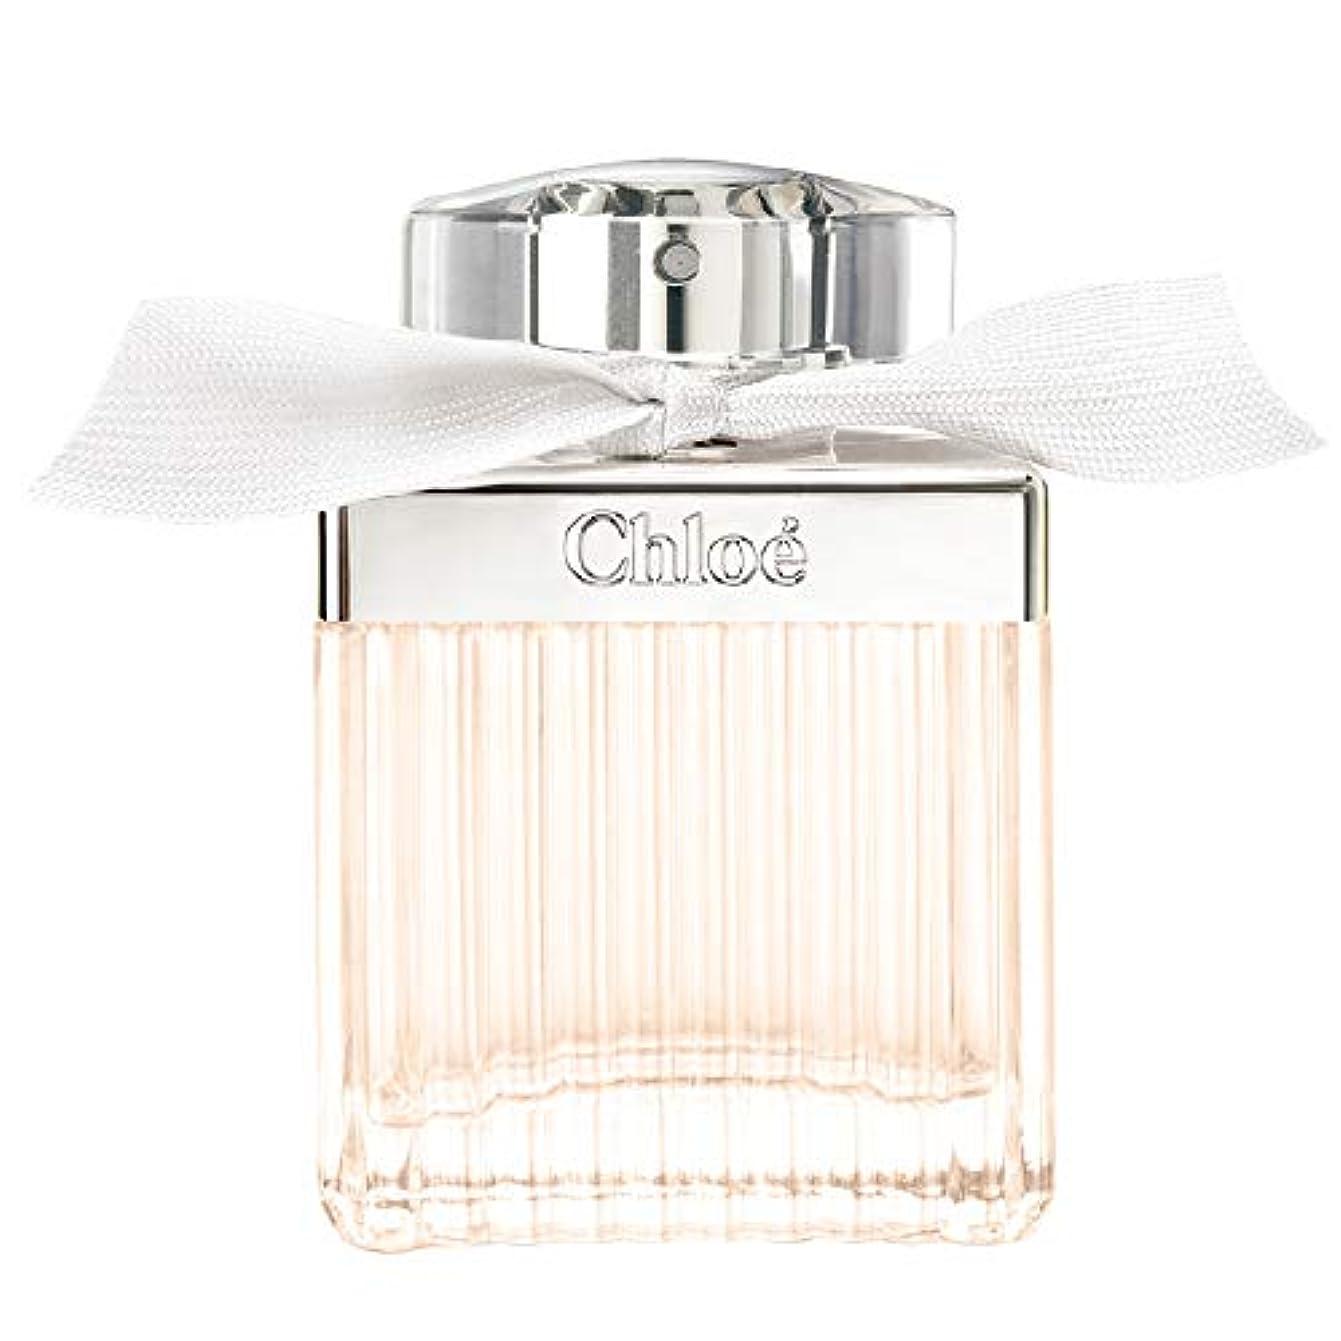 巡礼者ネズミ代表するクロエ chloe オードパルファム 75ml EDP レディース 香水 フレグランス 女性用 [並行輸入品]